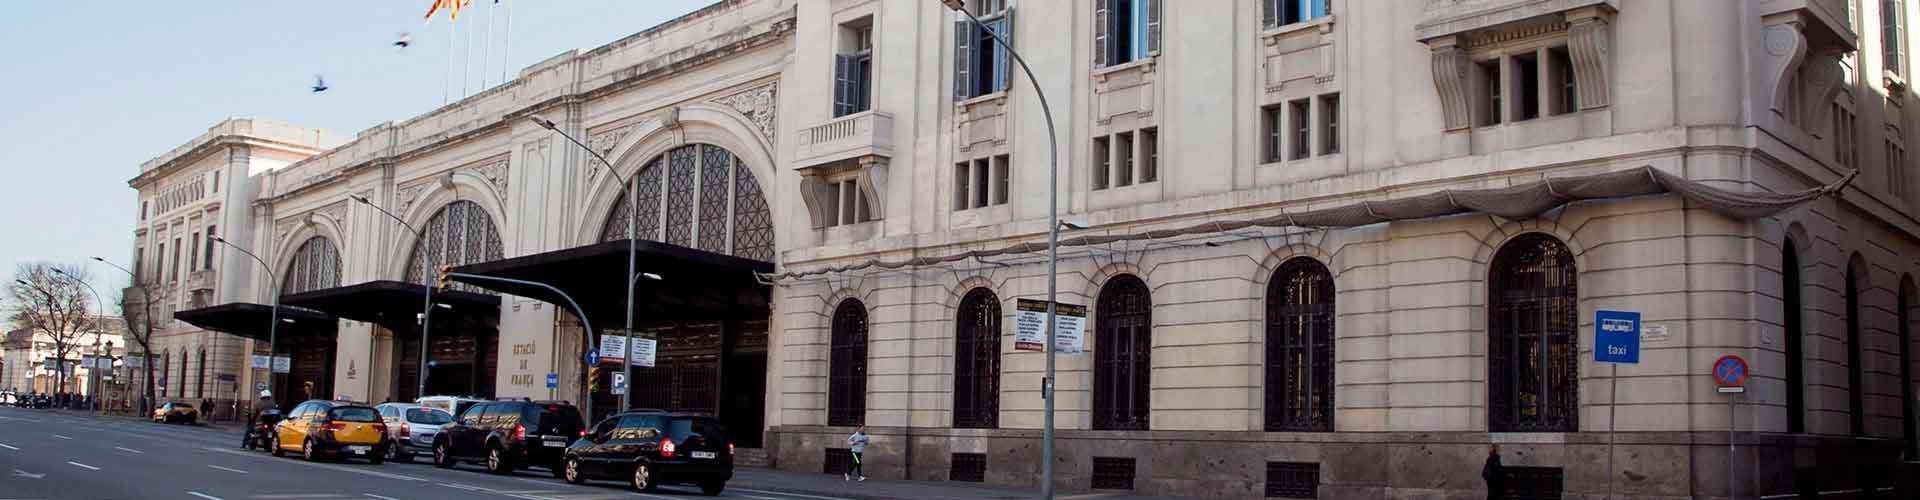 Barcelona - Hostels nahe Bahnhof Estació de França. Barcelona auf der Karte. Fotos und Bewertungen für jedes Hostel in Barcelona.